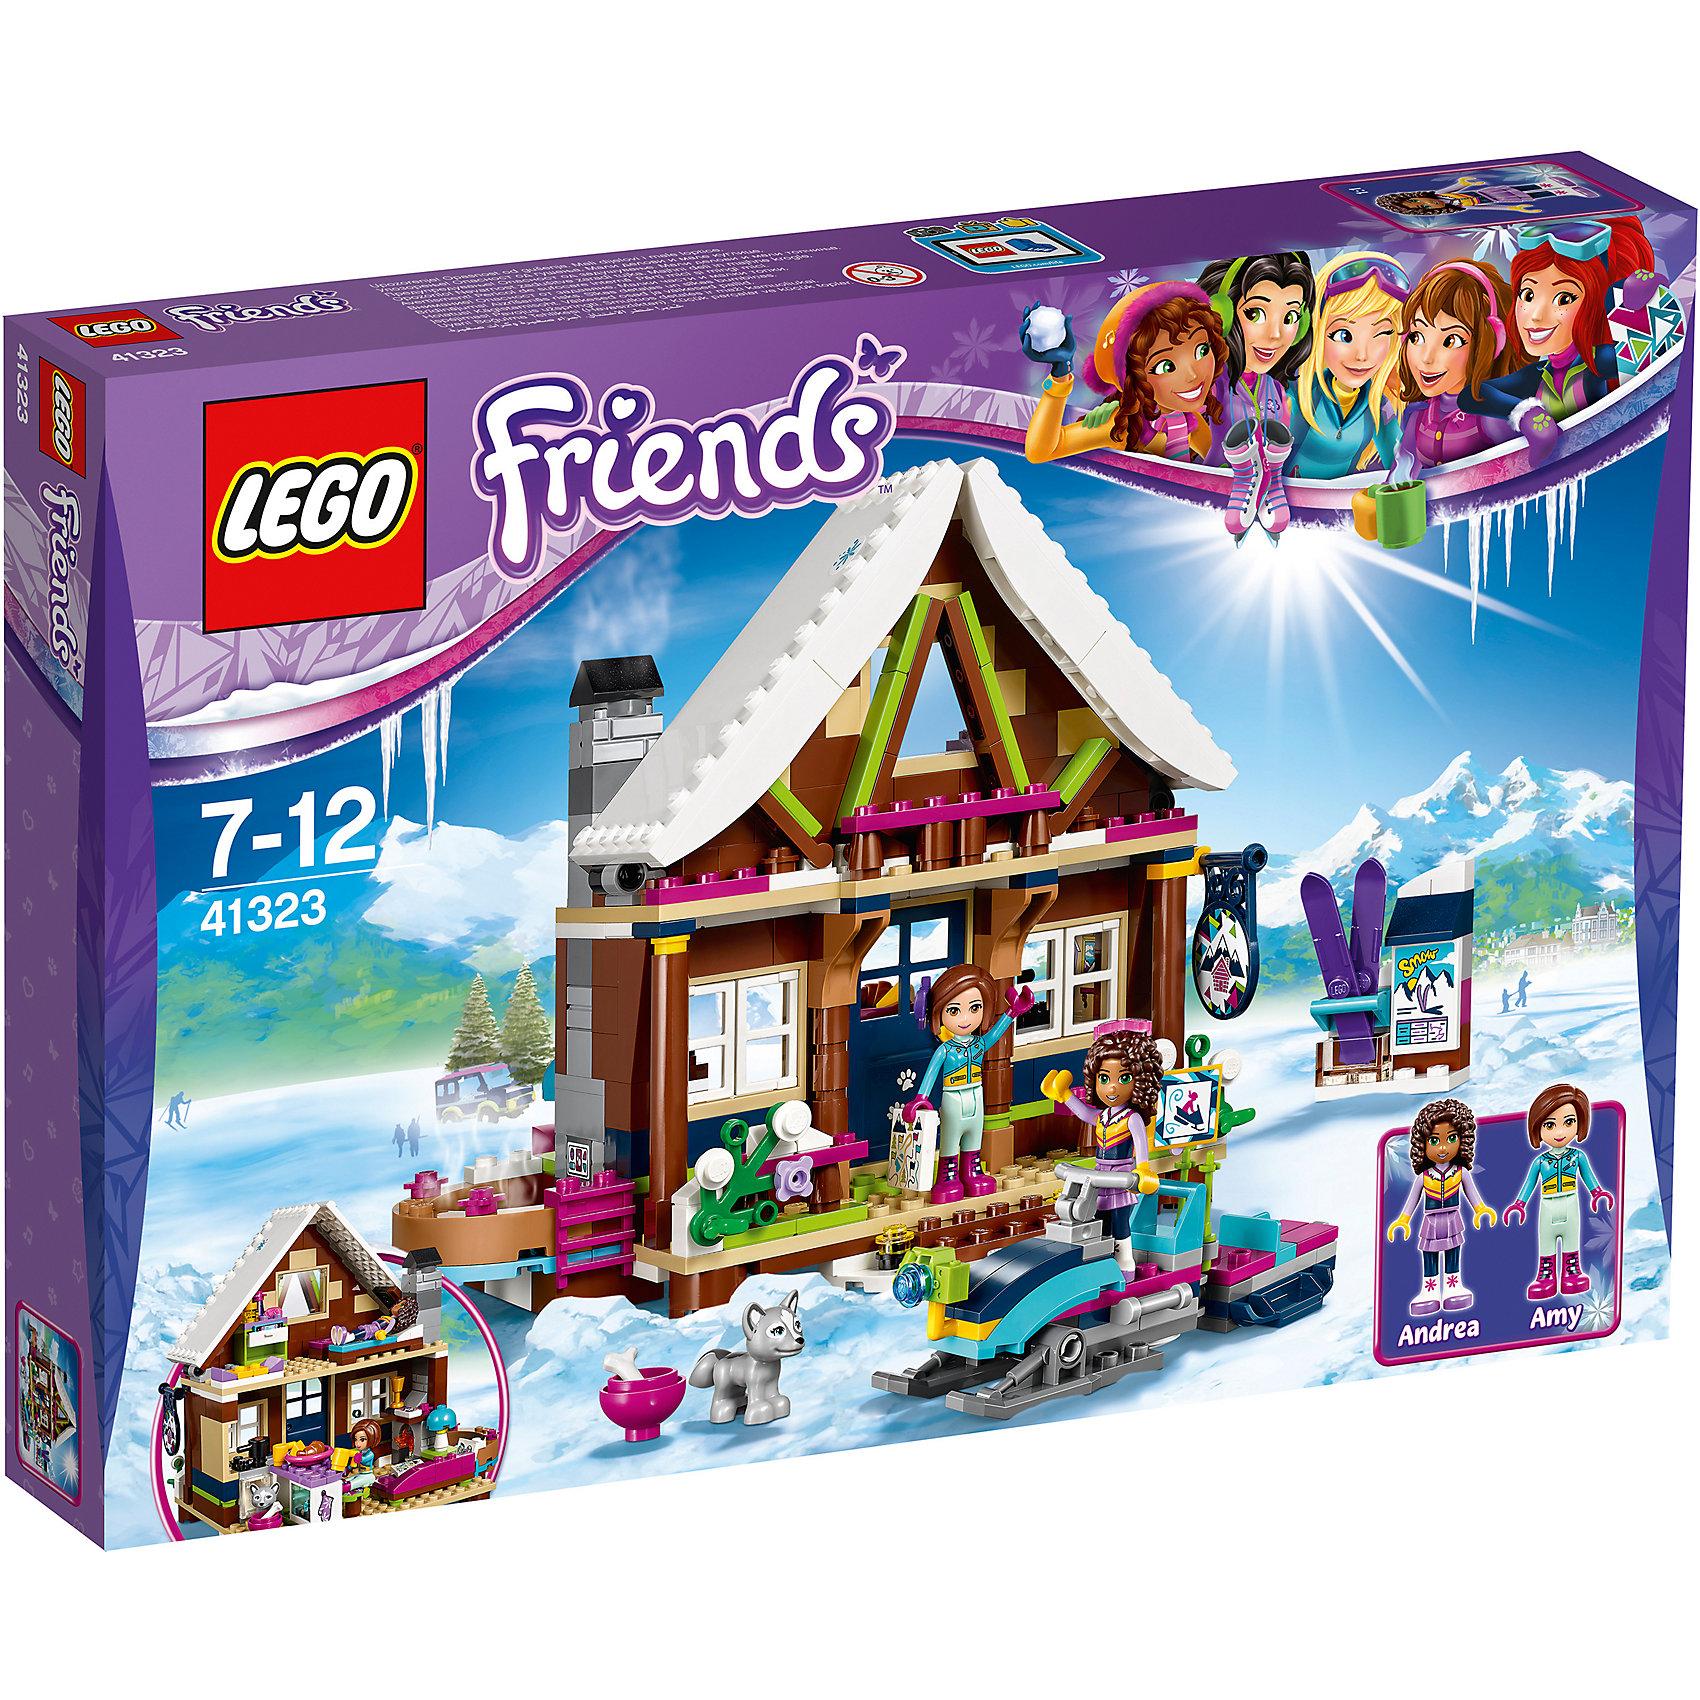 LEGO Friends 41323: Горнолыжный курорт: шалеПластмассовые конструкторы<br><br><br>Ширина мм: 378<br>Глубина мм: 261<br>Высота мм: 63<br>Вес г: 660<br>Возраст от месяцев: 84<br>Возраст до месяцев: 144<br>Пол: Женский<br>Возраст: Детский<br>SKU: 5620043